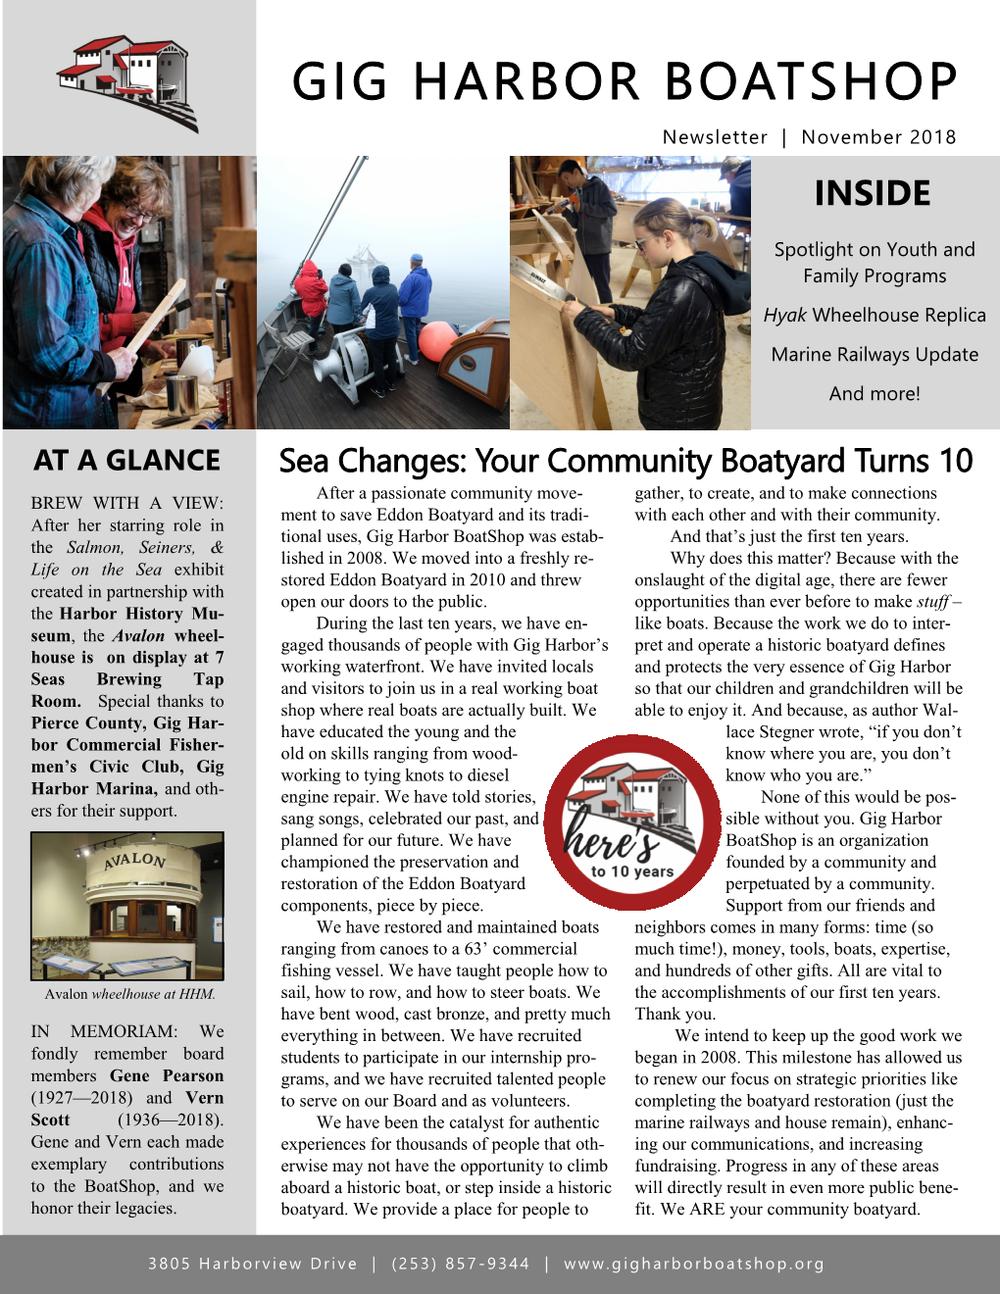 November 2018 newsletter (click on image to enlarge)